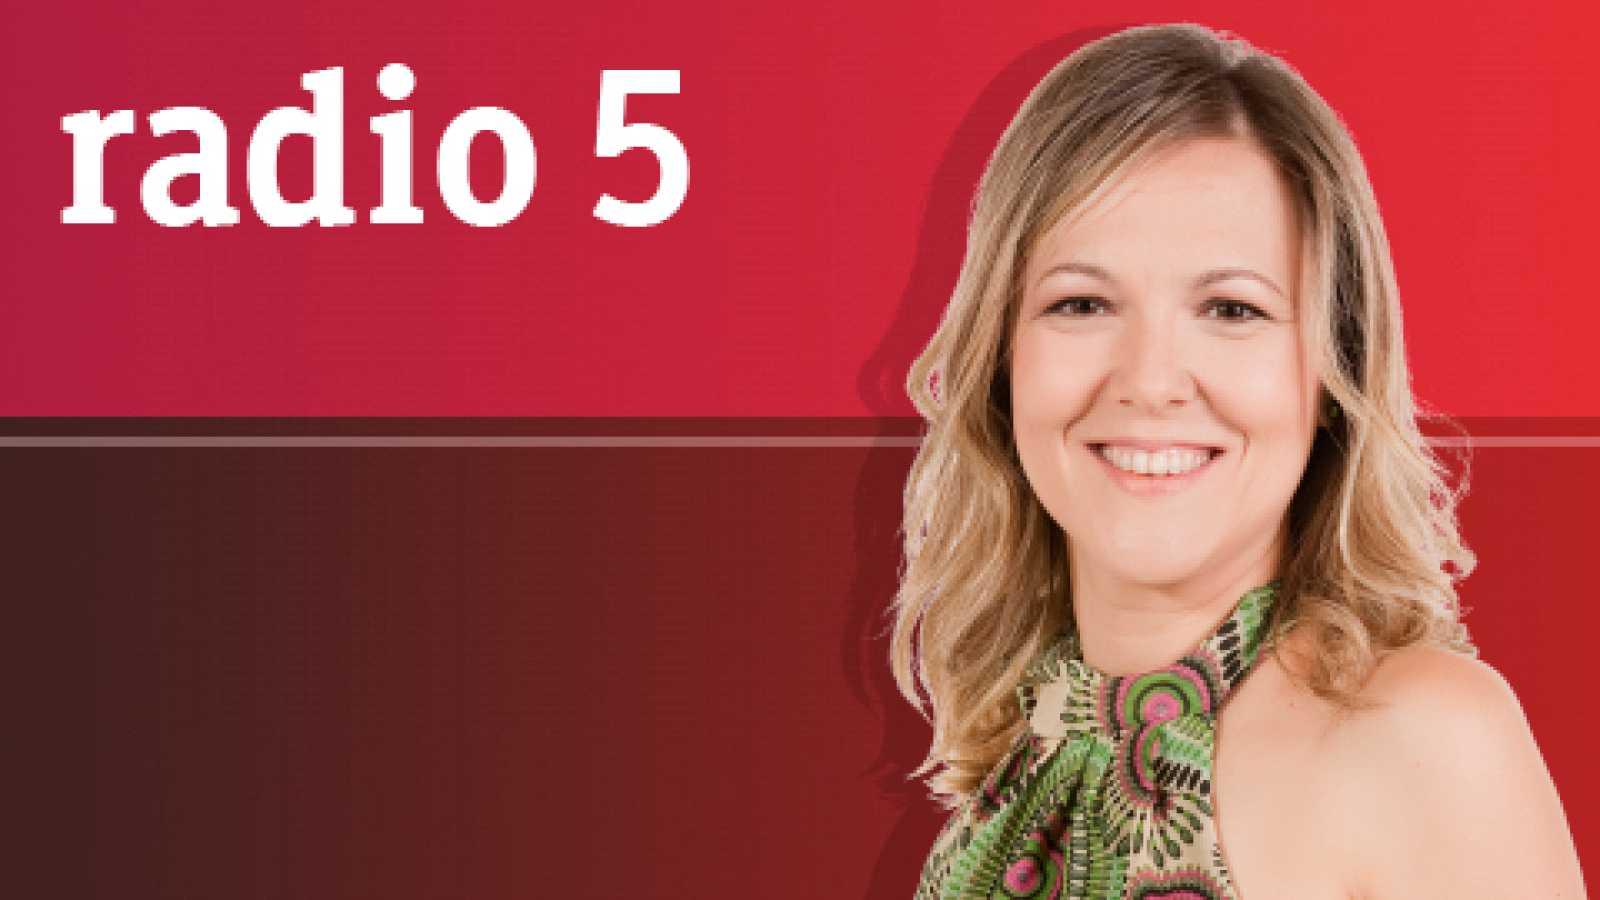 """Esto es vida - """"Yo sí comunico"""", campaña de Concienciación sobre el Autismo - 12/04/14 - escuchar ahora"""